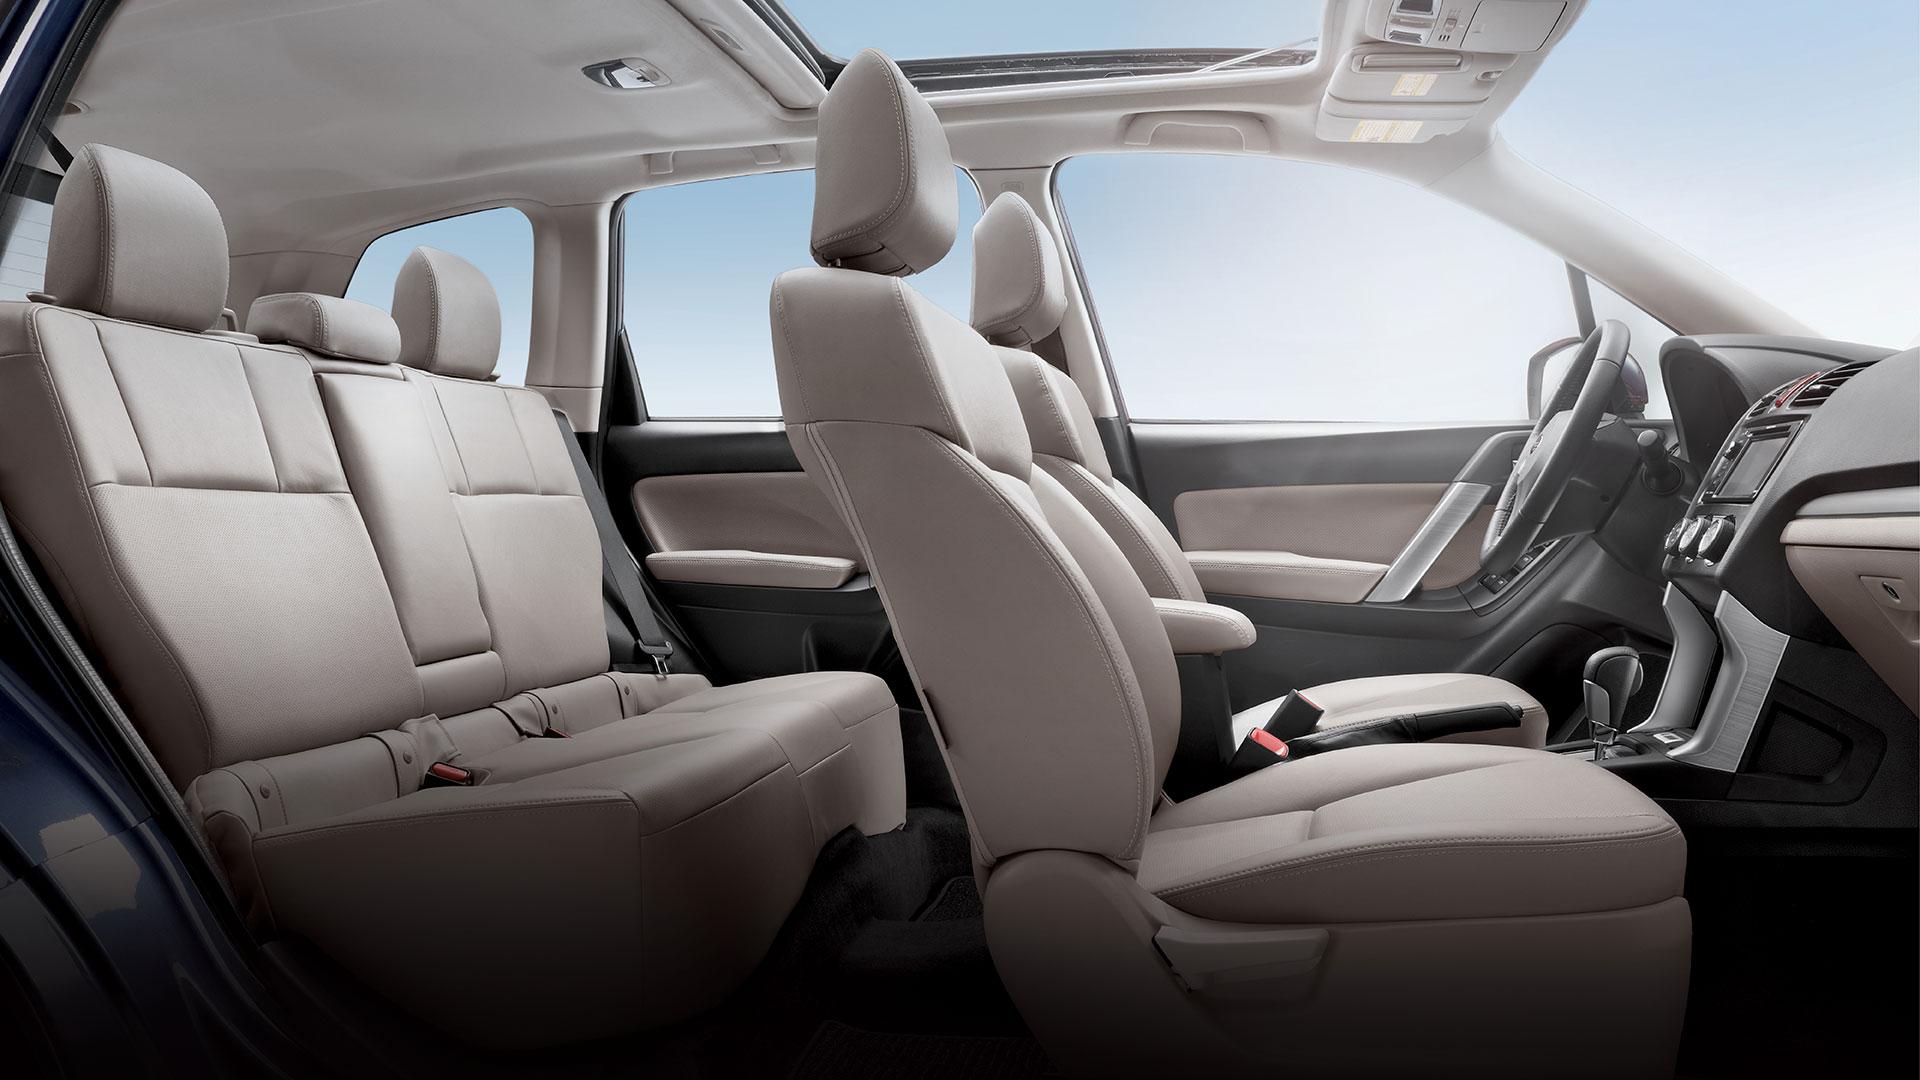 Subaru Forester 2014 Familiar Y Con Muchas Capacidades Todoterreno Lista De Carros